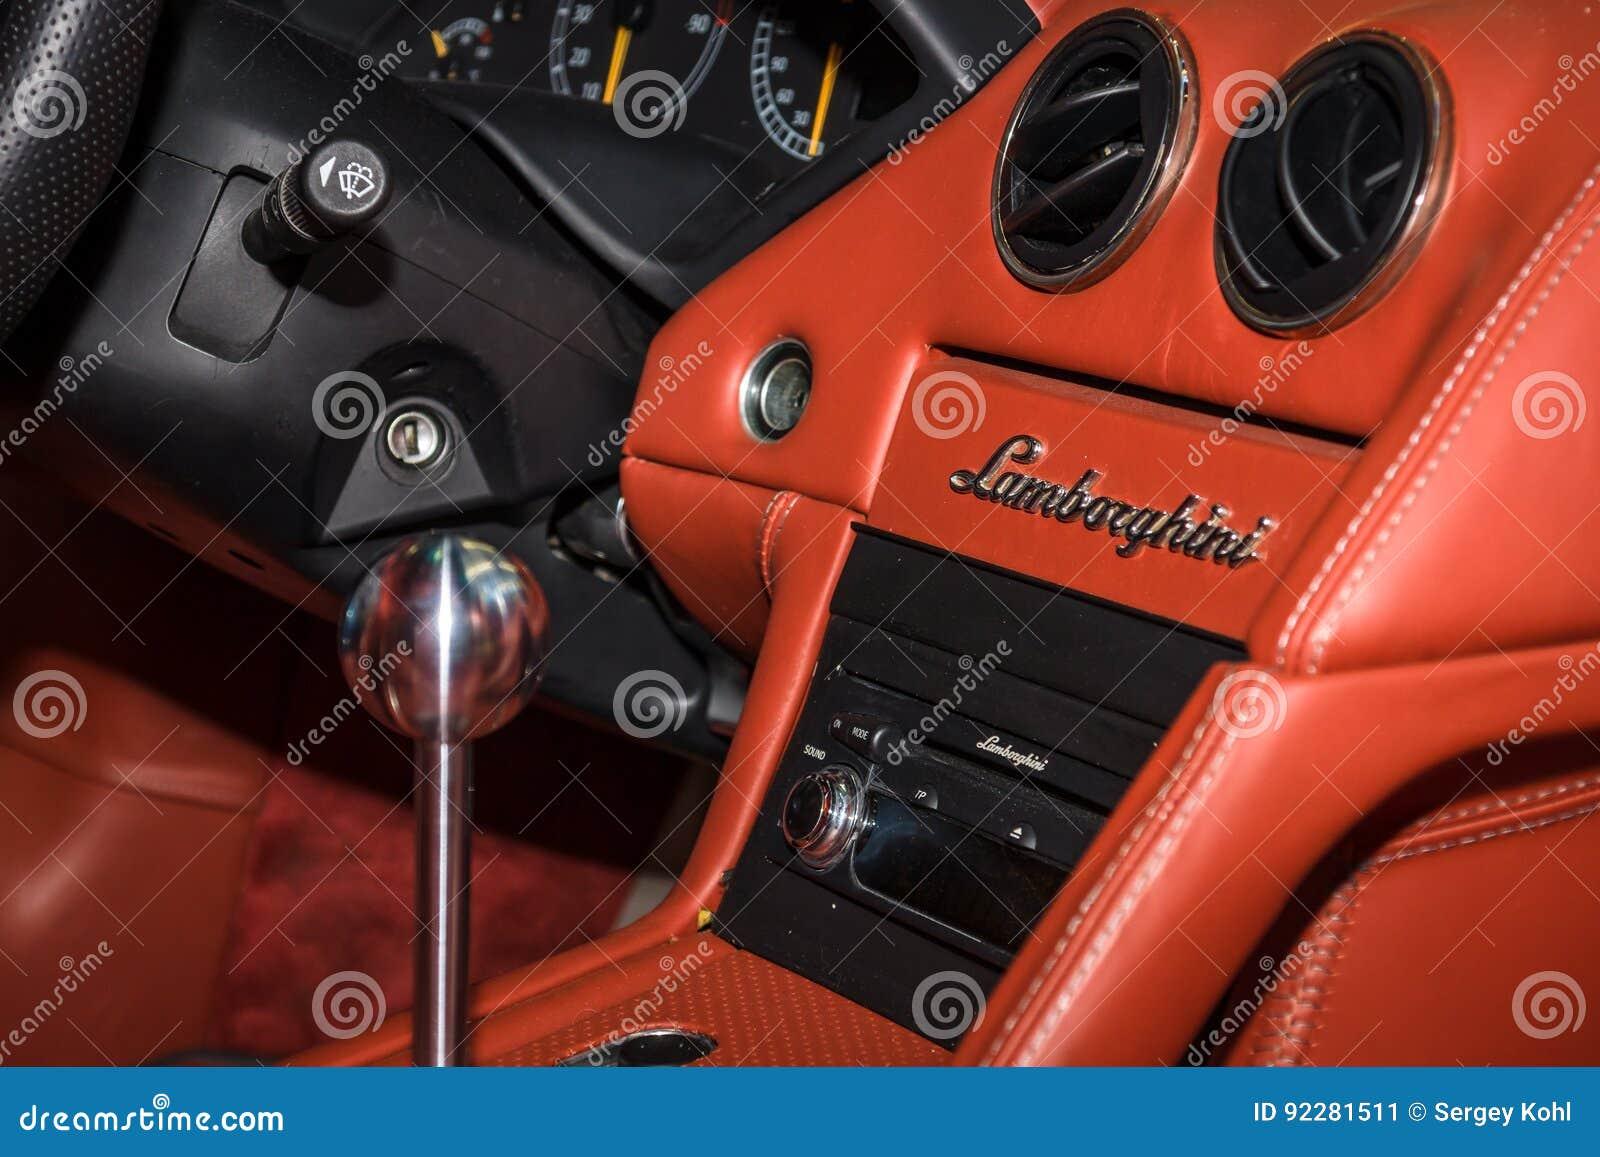 Interior Of Supercar Lamborghini Murcielago 2004 Editorial Photo